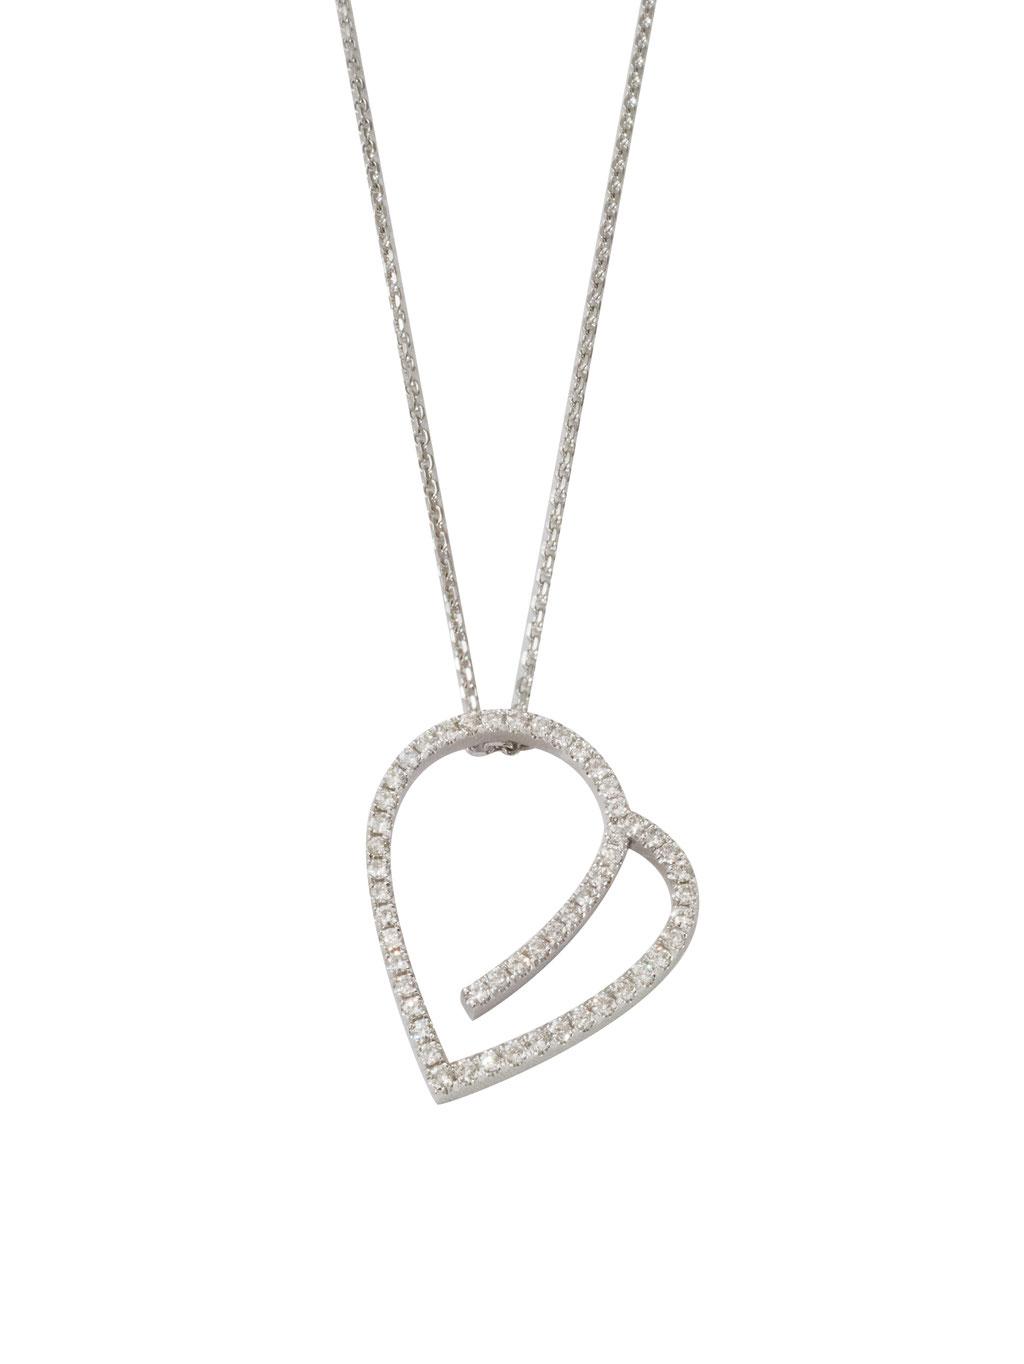 Herzkette mit Diamanten 0,37 ct, aus 18 karat Weißgold